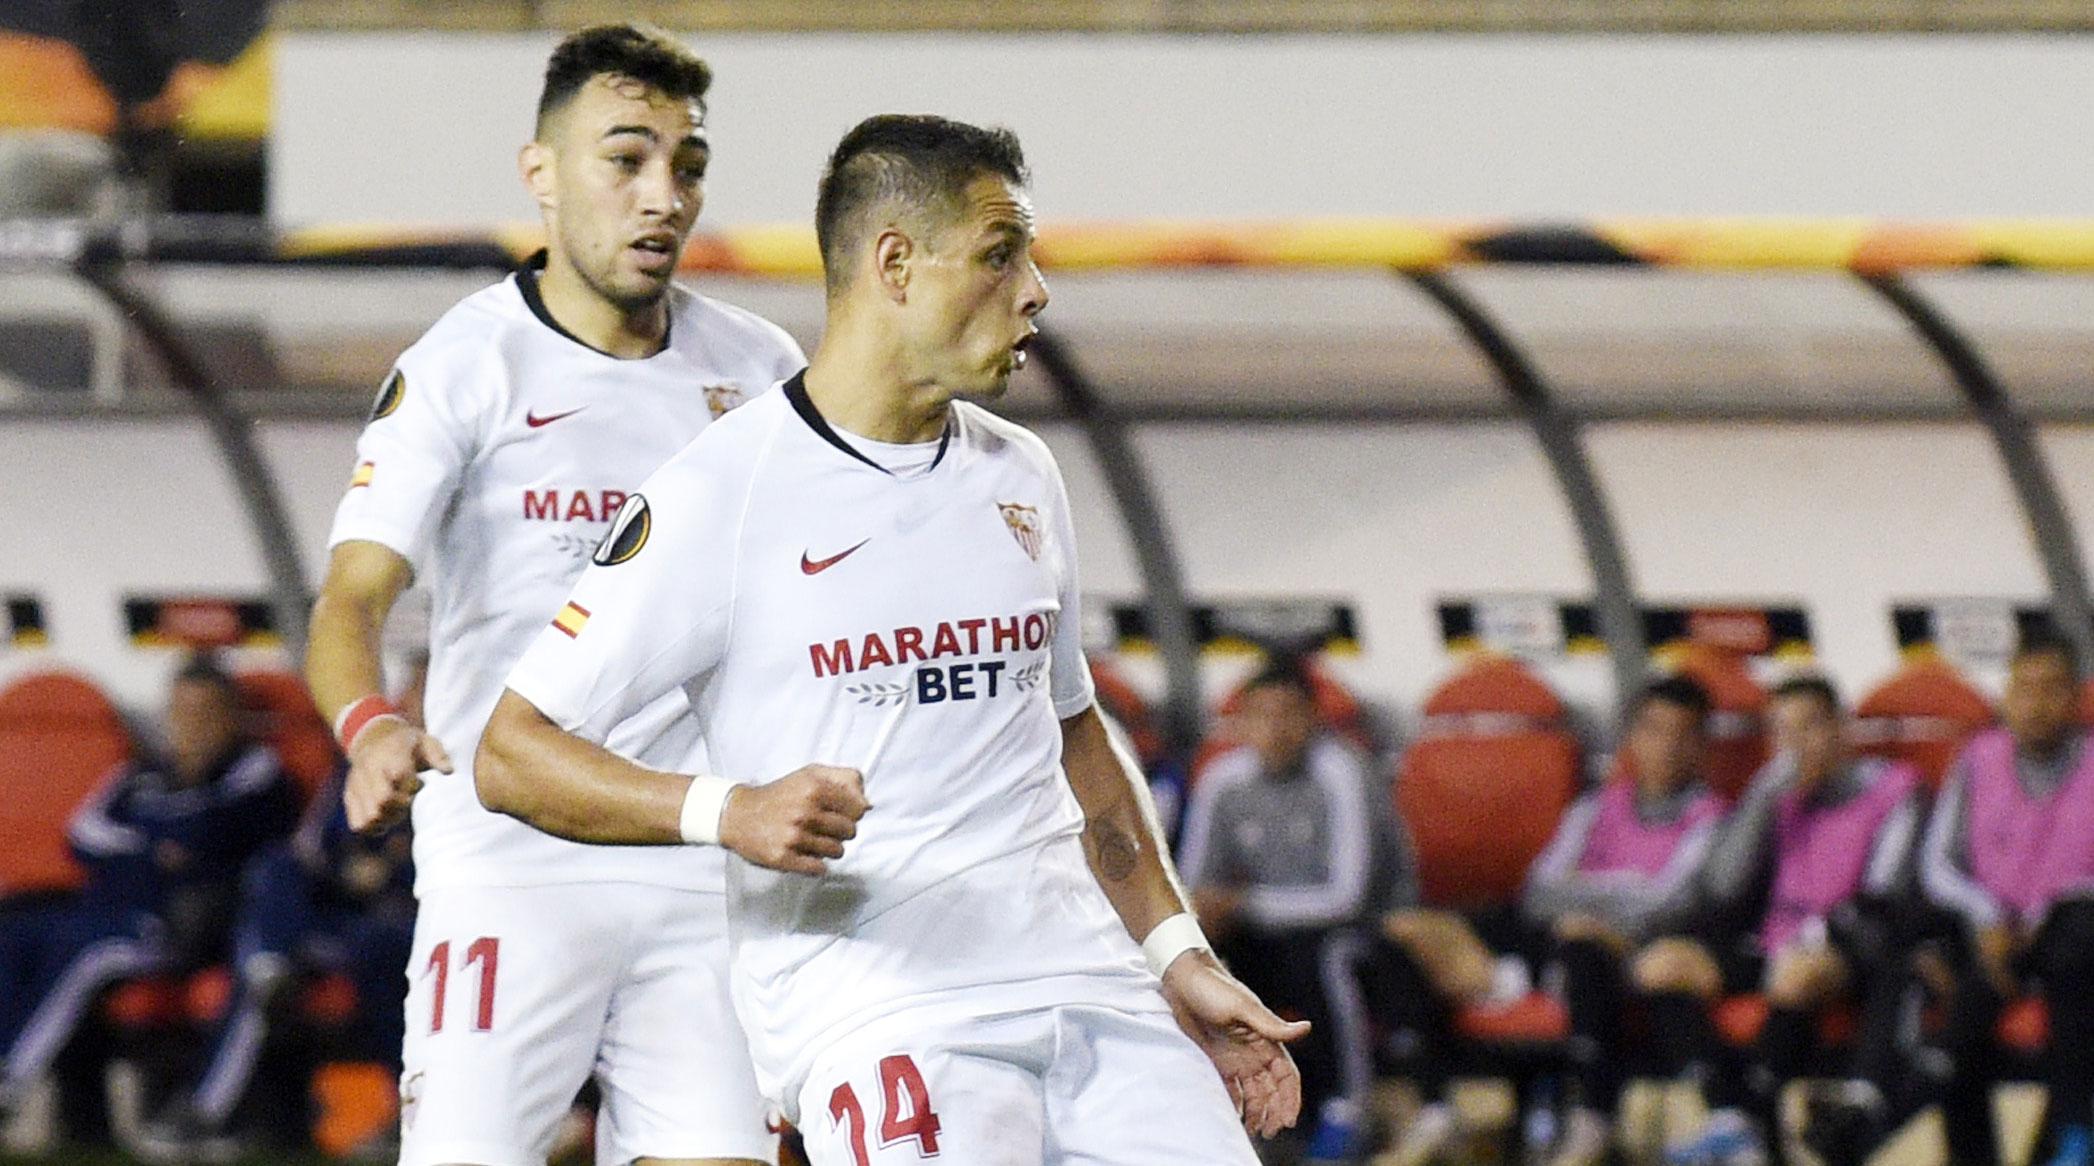 Chicharito scores for Sevilla